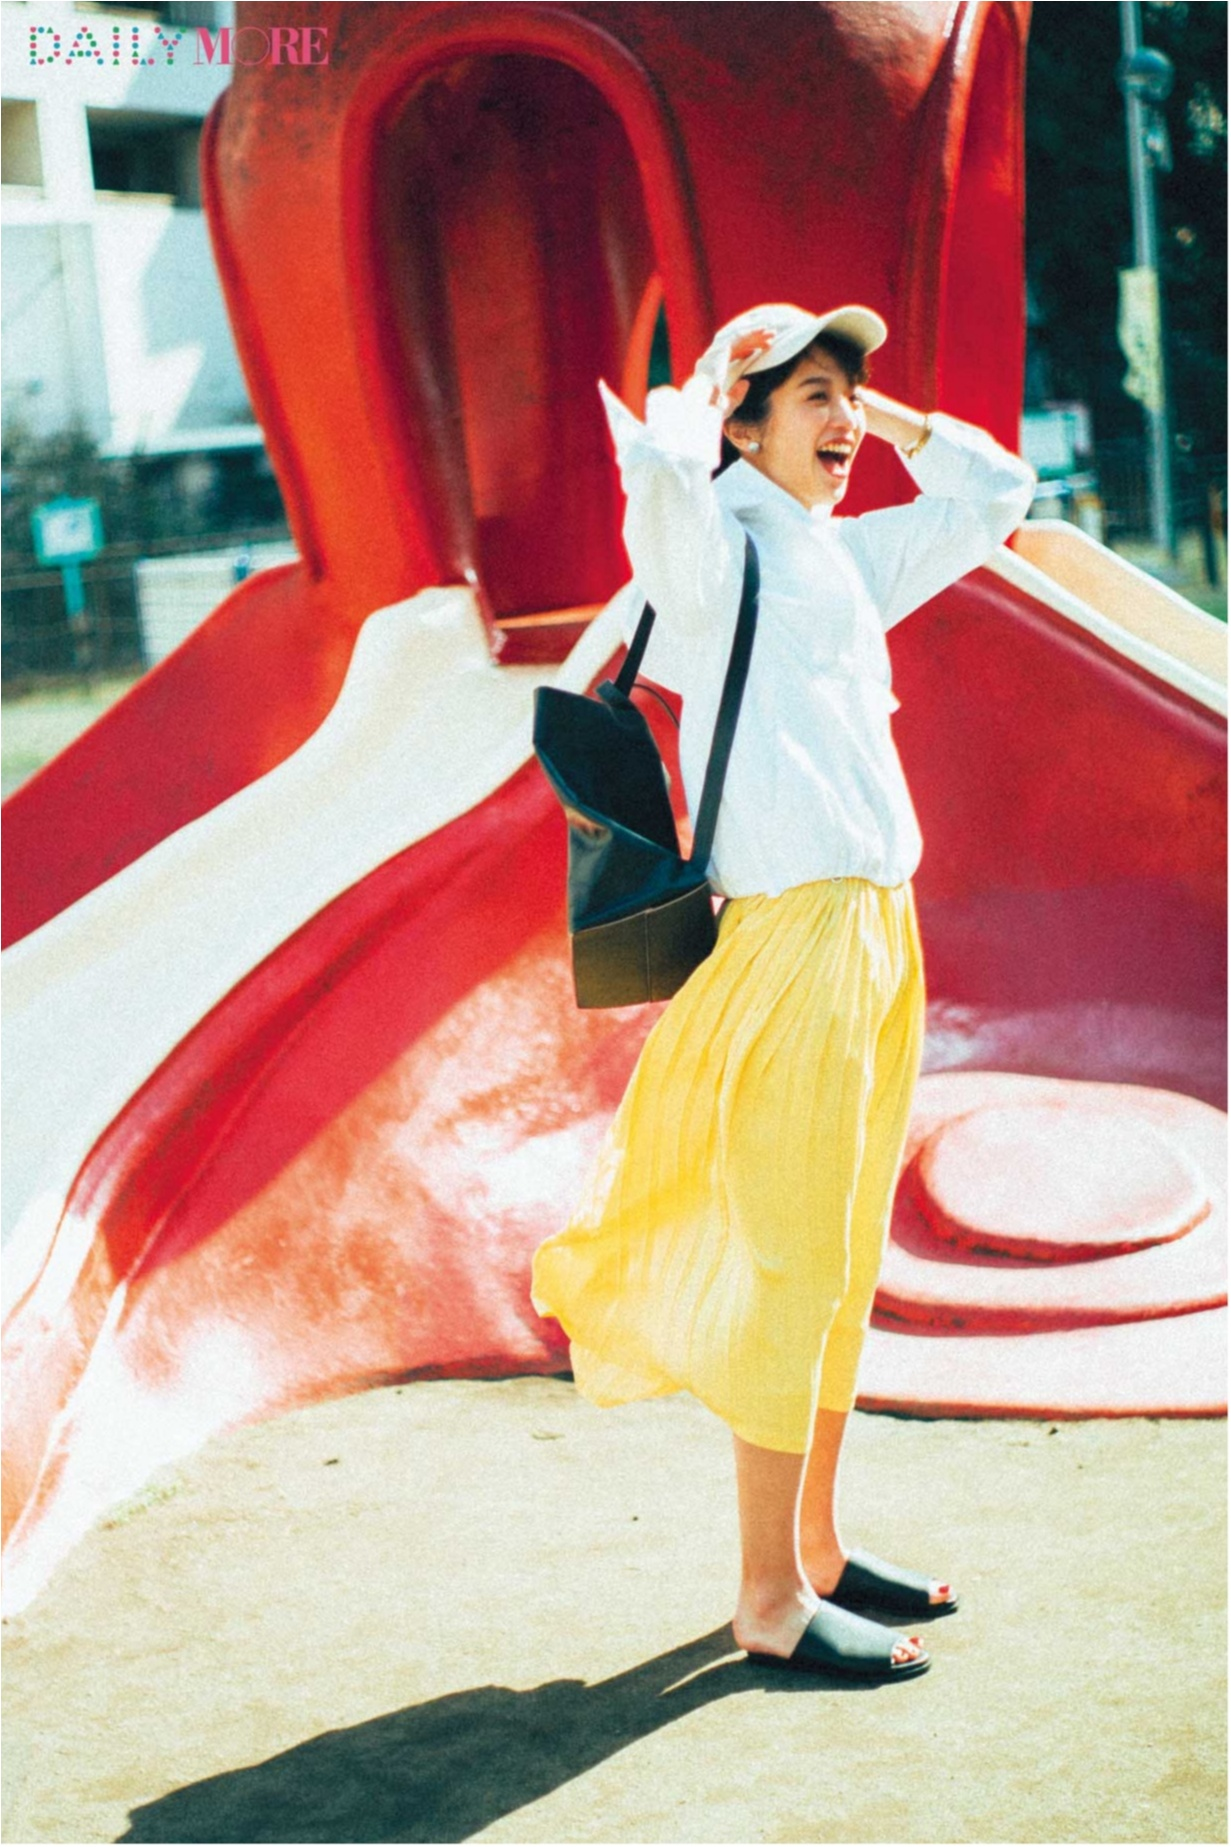 暑い日こそ元気にね♪ 気分が上がる「夏のきれい色」コーデまとめ♡_1_7